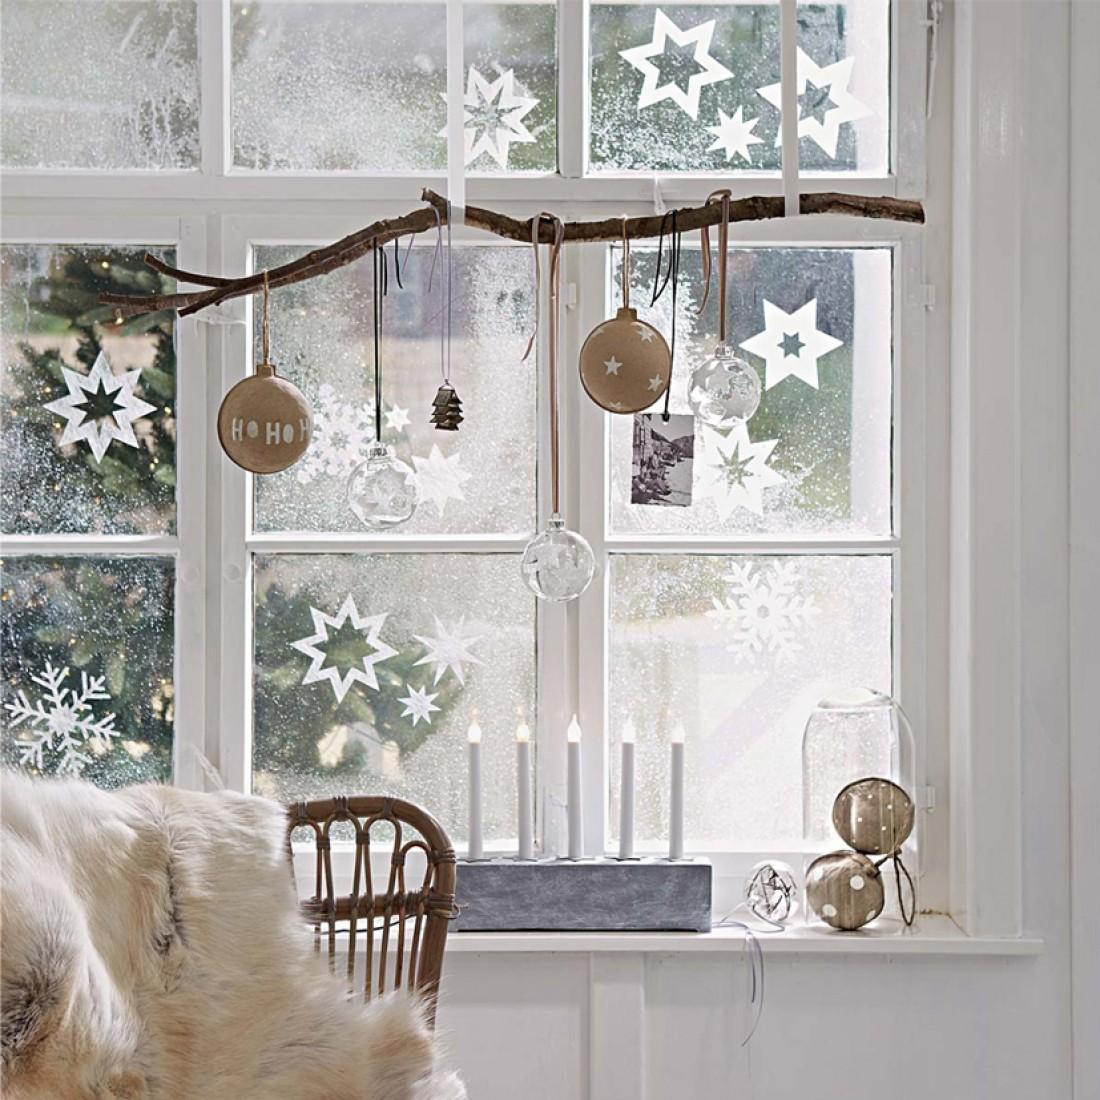 Зимний антураж. Декорируем дом к зимним праздникам